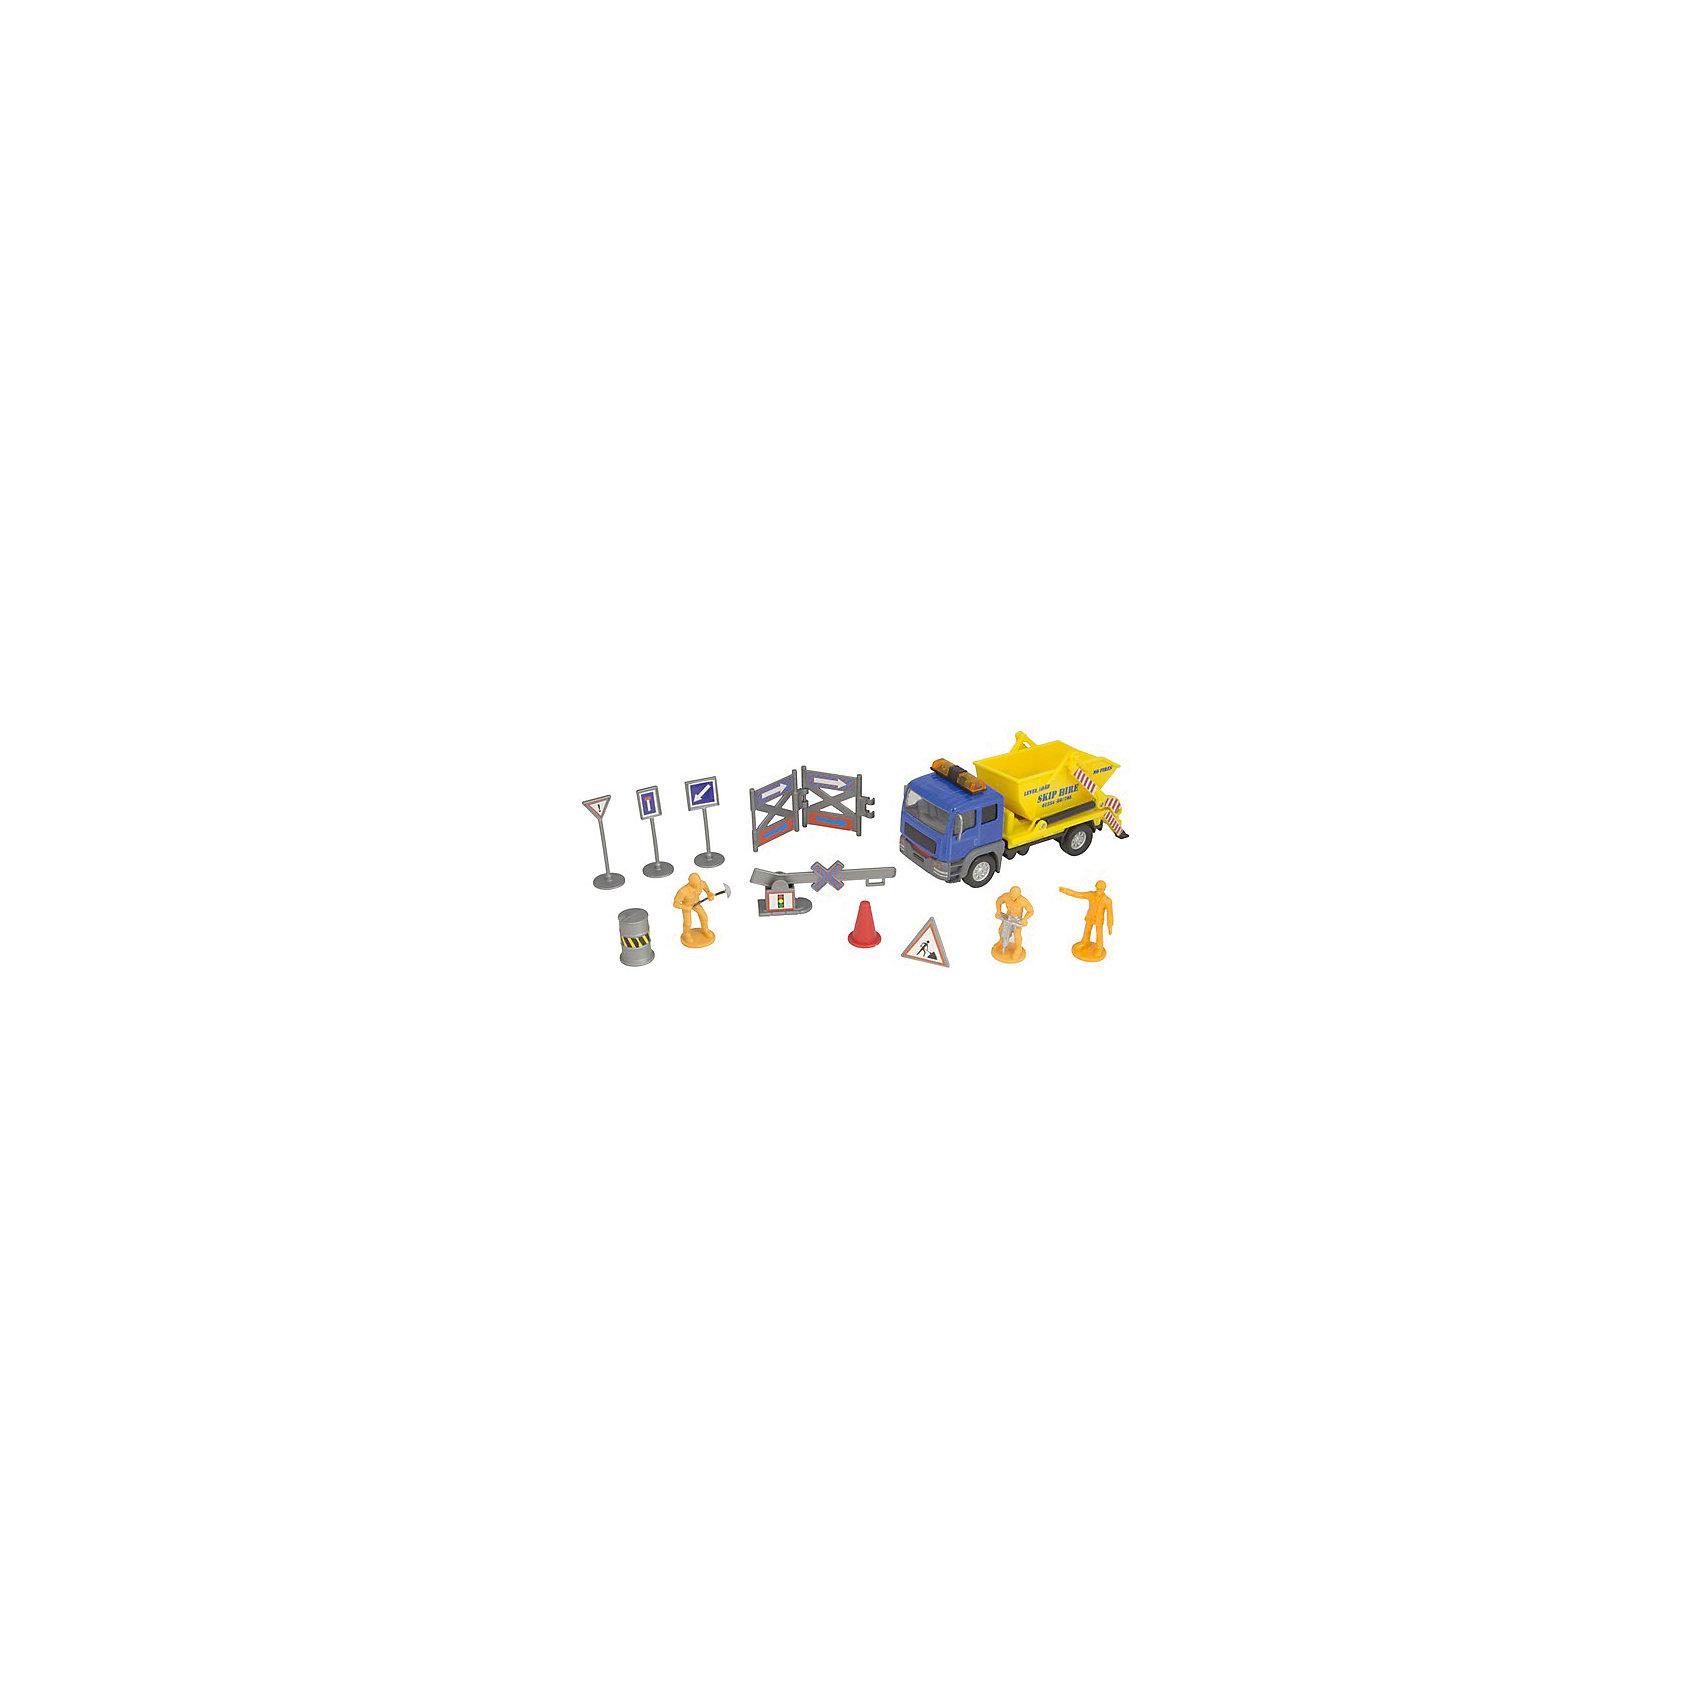 Строительная команда с грузовиком, HTl GrоuрМашинки<br>Строительство и автомобили – две темы, которые волнуют большинство мужчин с самого рождения. Обладать собственной строительной командой с соответствующей техникой – неимоверная радость для любого мальчишки! Пусть даже это будет сильно уменьшенная копия.<br>Британский бренд HTI предлагает набор «Строительная команда» в трех вариантах. Два варианта с грузовиками разных цветов и один с экскаватором. Модели машин максимально детализированы и имеют множество подвижных частей. Фигурки рабочих с аксессуарами сделают ролевую игру максимально приближенной к реальности. Такой набор рекомендуется детям с 3 лет, но сможет занять достойное место в коллекции моделей взрослого человека.<br><br>Дополнительная информация:<br><br>Комплект: грузовик, 3 фигурки рабочих, аксессуары.<br>Материал: пластик.<br>Размер упаковки: 10.2 х 11.5 х 36.2 см.<br><br>Строительная команда с грузовиком, HTl Grоuр можно купить в нашем магазине.<br><br>Ширина мм: 36<br>Глубина мм: 10<br>Высота мм: 12<br>Вес г: 150<br>Возраст от месяцев: 36<br>Возраст до месяцев: 96<br>Пол: Мужской<br>Возраст: Детский<br>SKU: 4574053